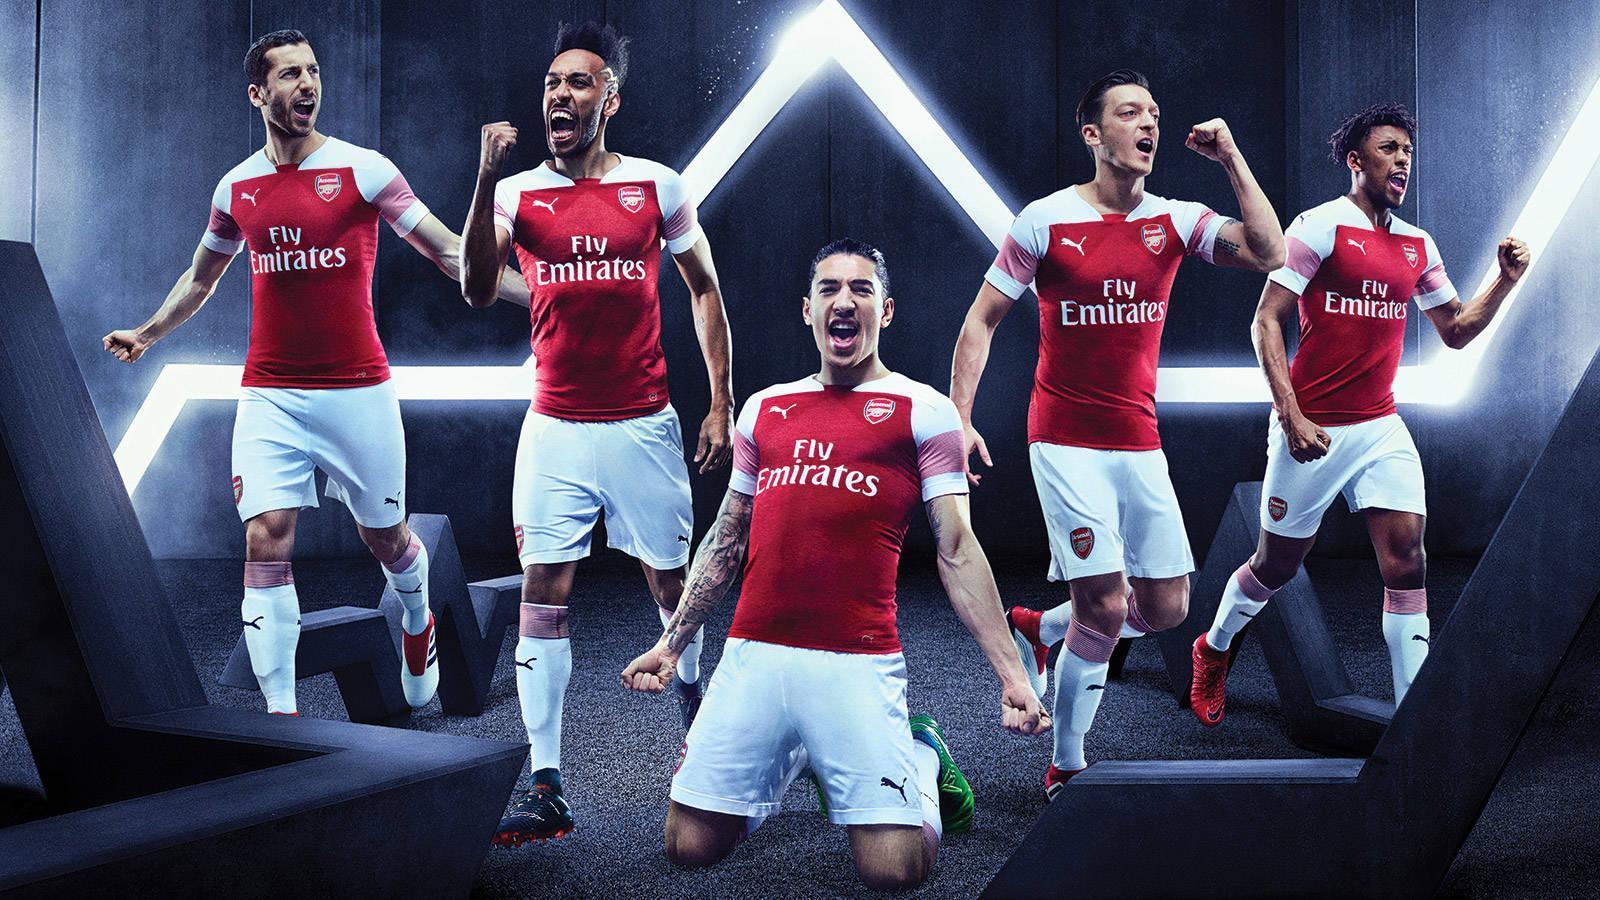 482961edf5 O Arsenal apresentou nesta terça-feira sua nova camisa 1.